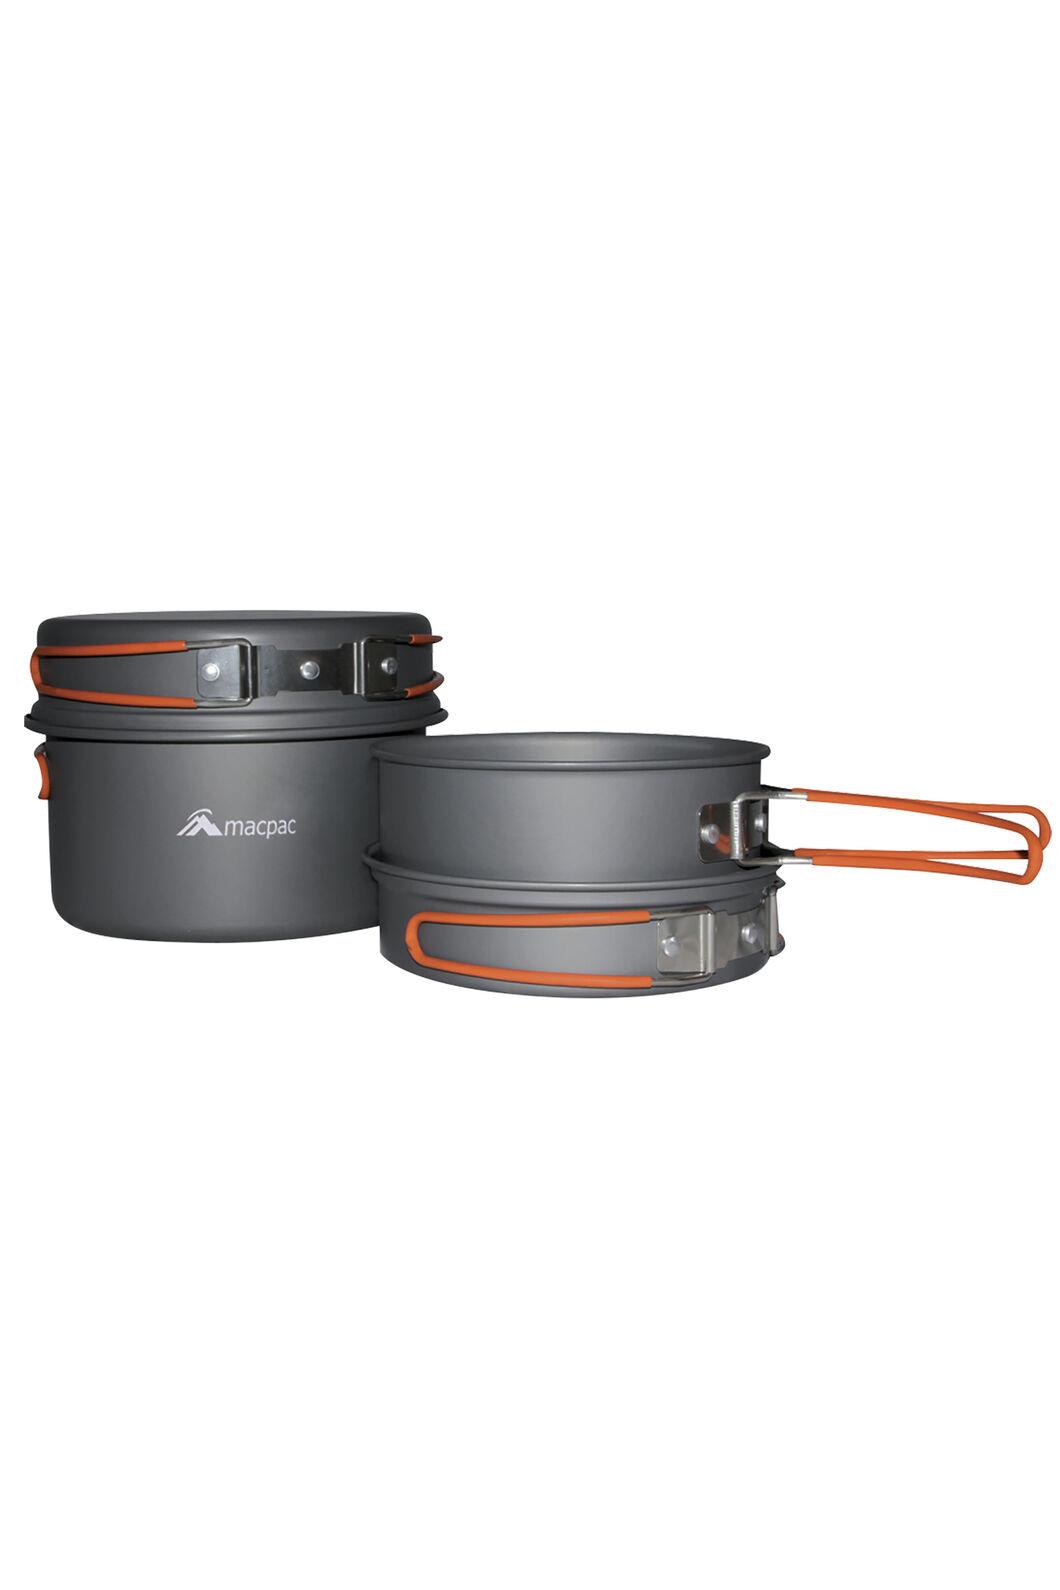 Macpac Duo Pot Set, None, hi-res